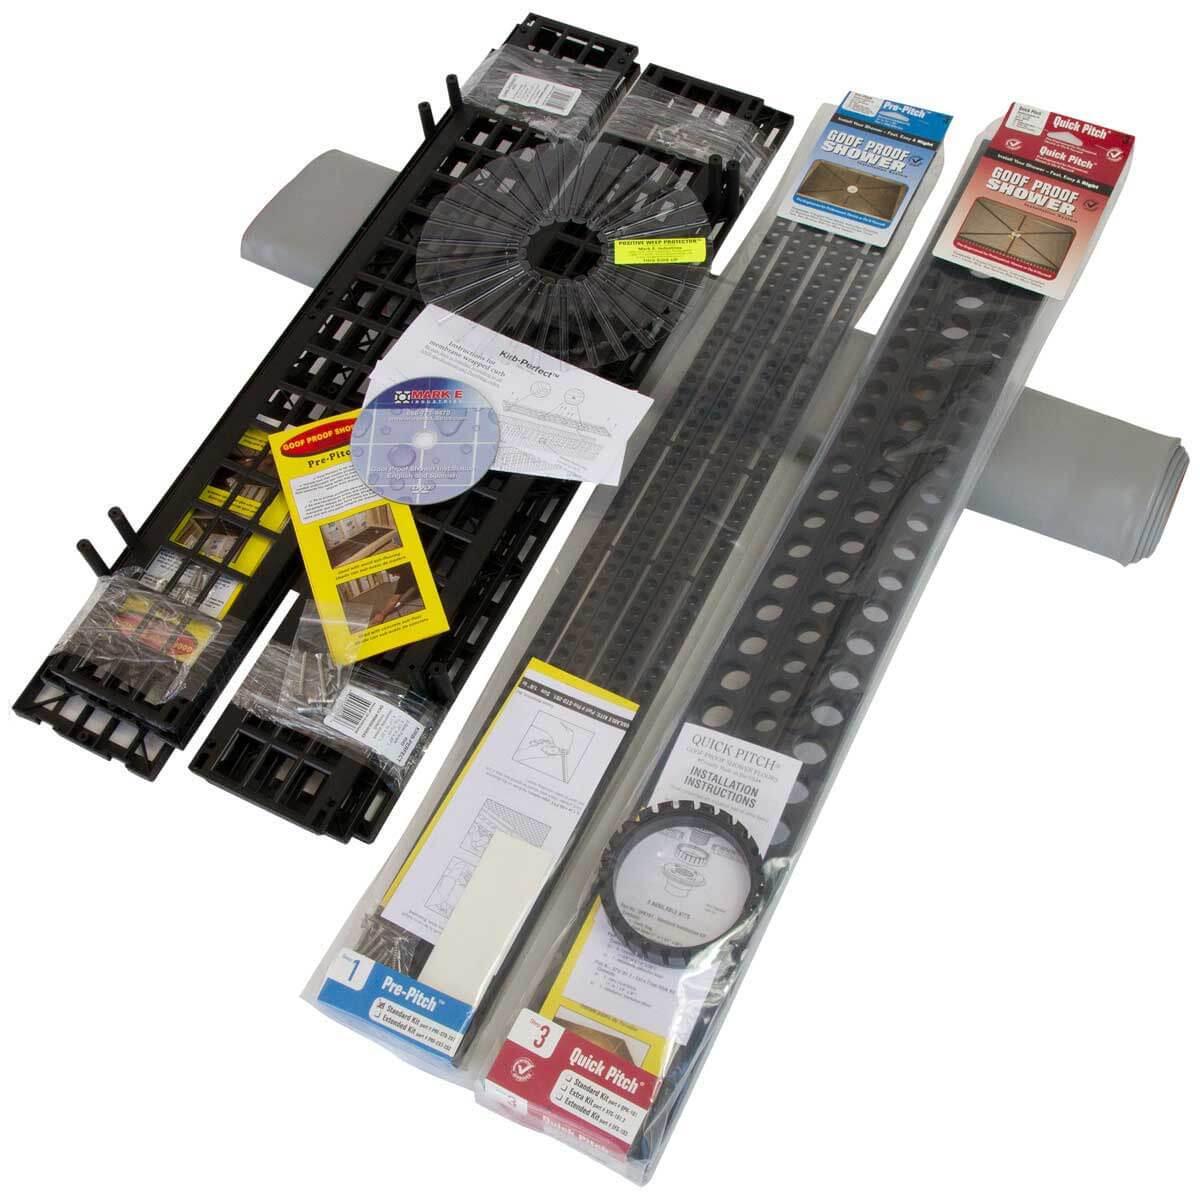 3 Piece Shower Installation Kit